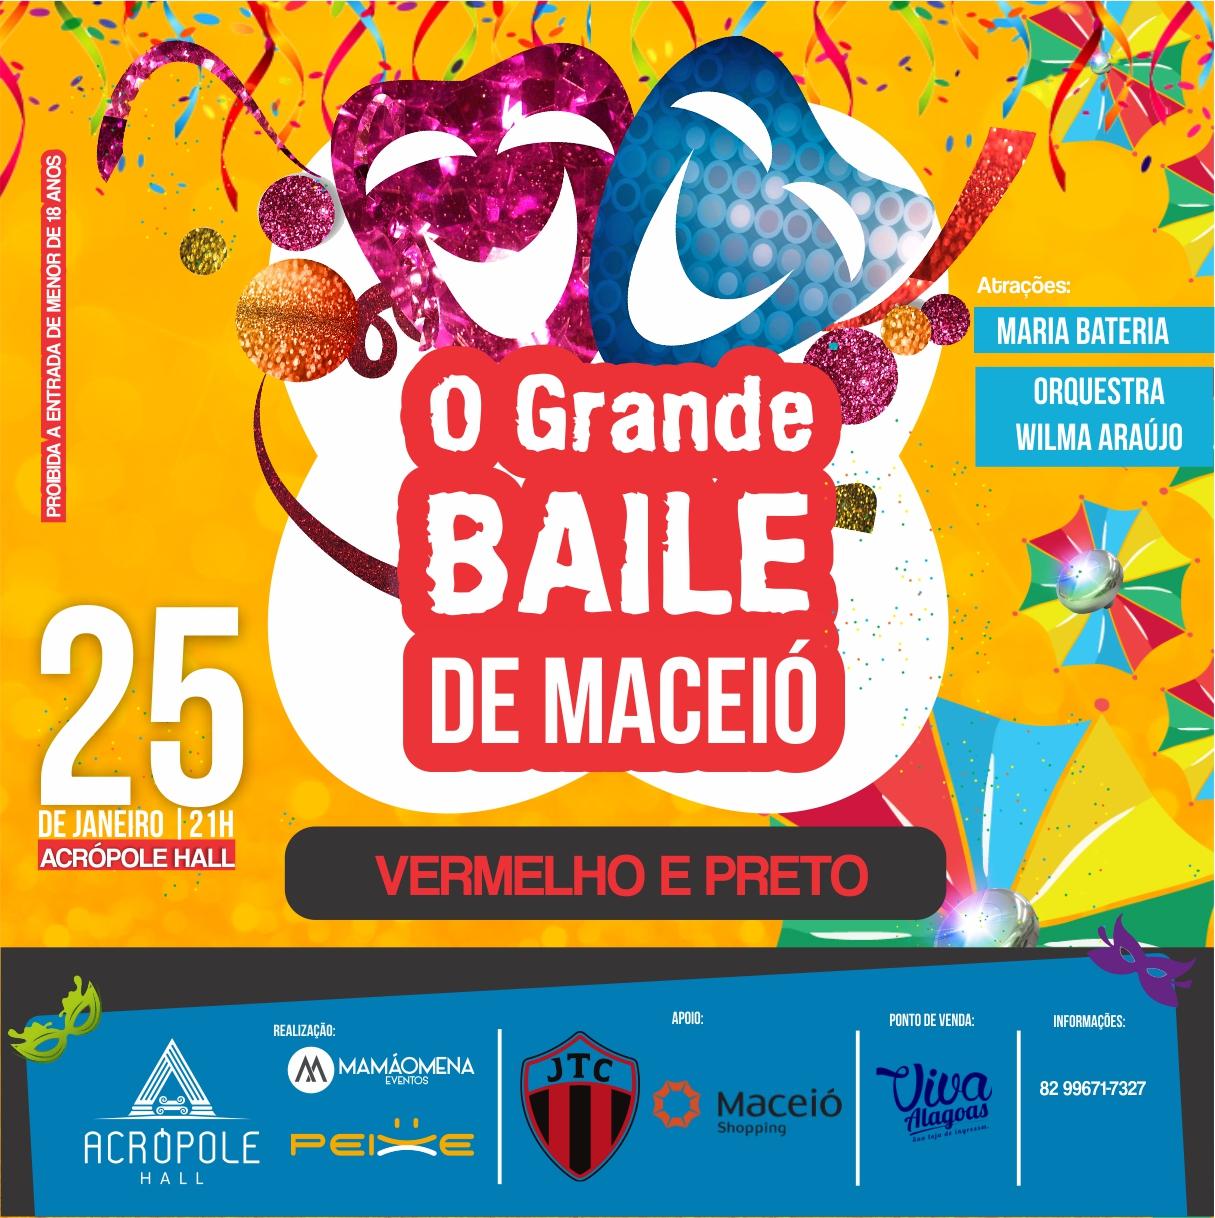 O Grande Baile de Maceió, Vermelho e Preto, será realizado no próximo 25 de janeiro na Acrópole Hall